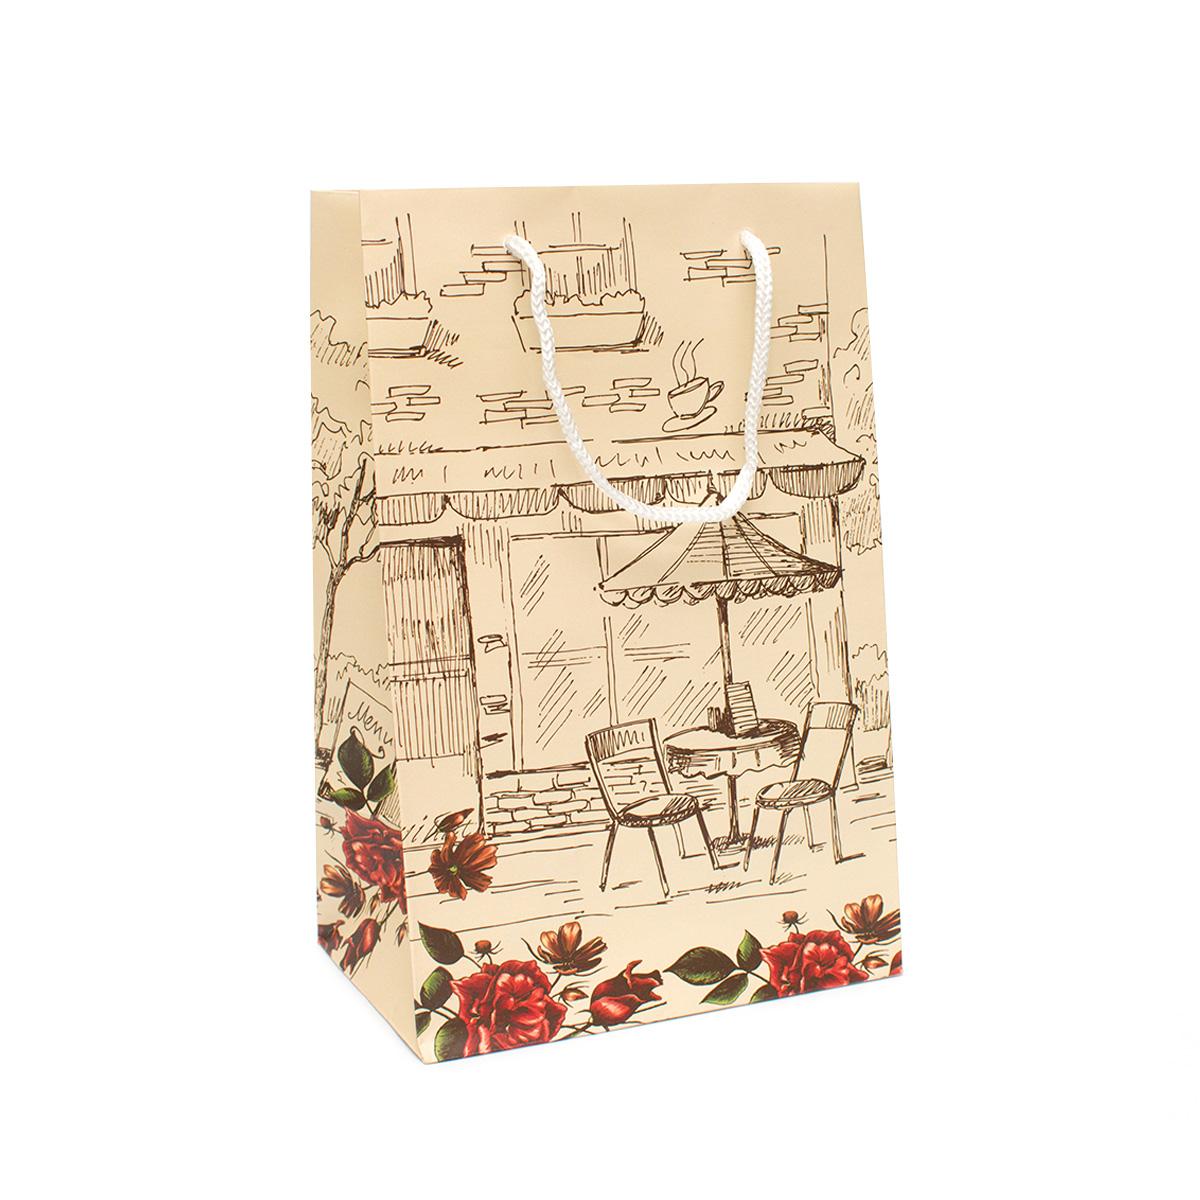 Фото - Пакет подарочный Кафе, 23*15 см пакет подарочный новогодние игрушки 23 15 см